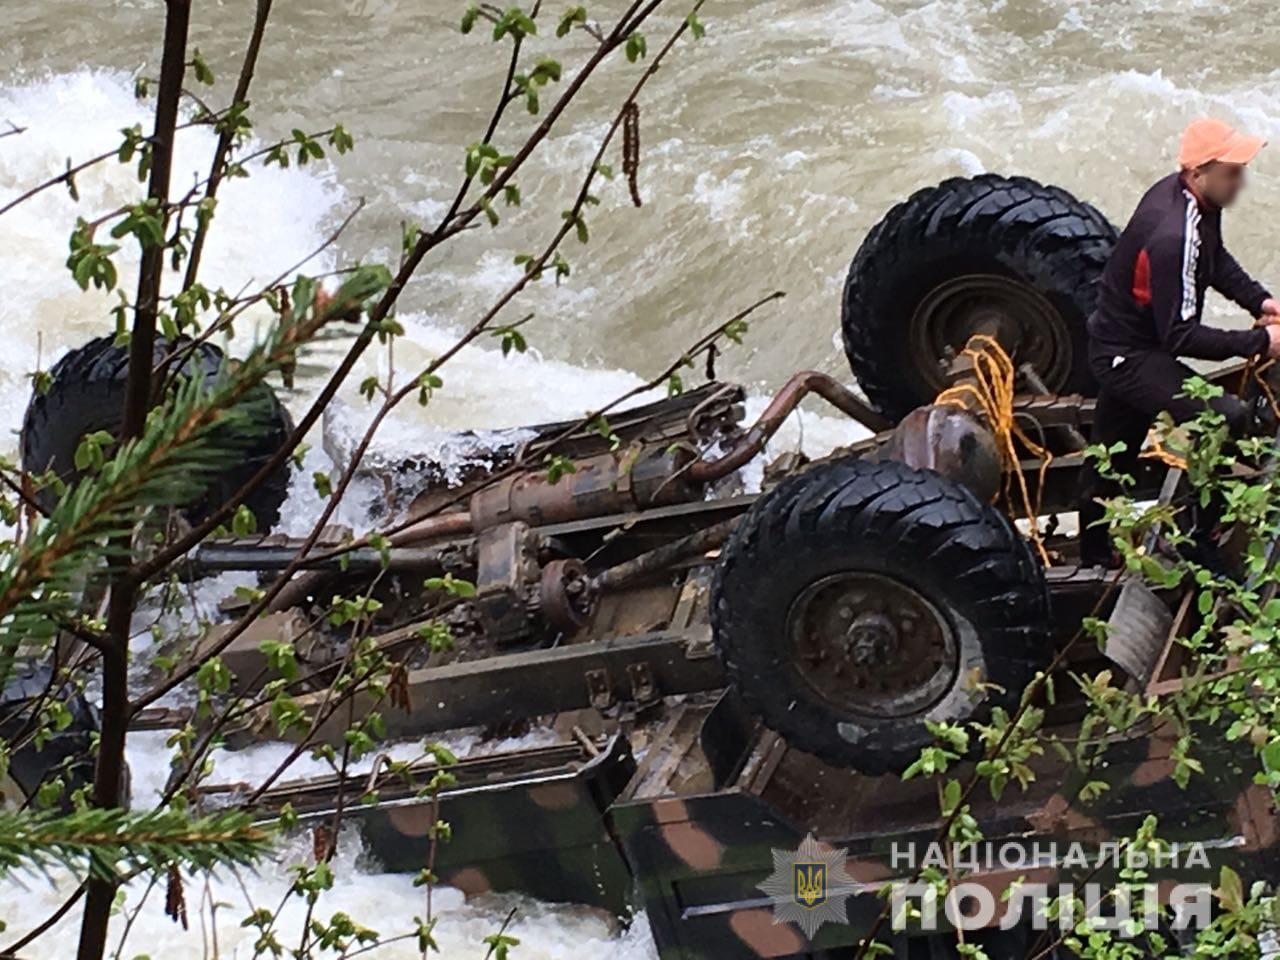 Водій вантажівки з туристами, що зірвалась у річку на Прикарпатті, був напідпитку. ФОТО